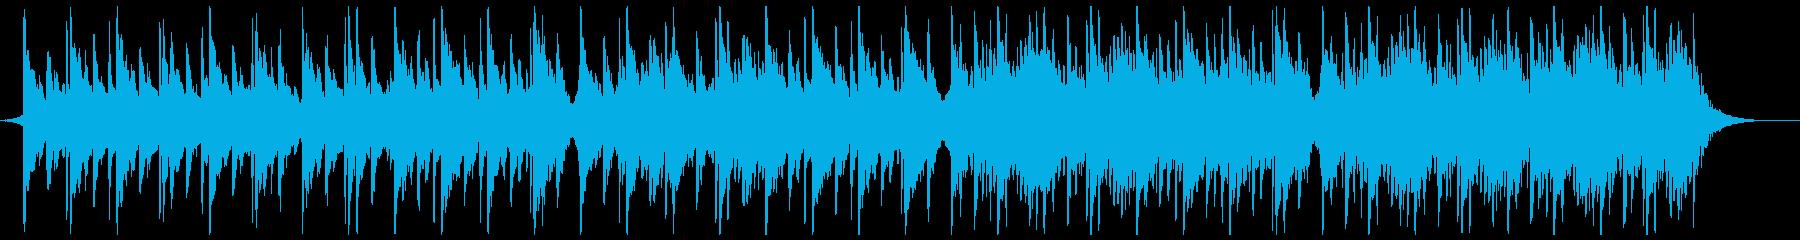 これは劇的で心を打つ歌です。謎めい...の再生済みの波形